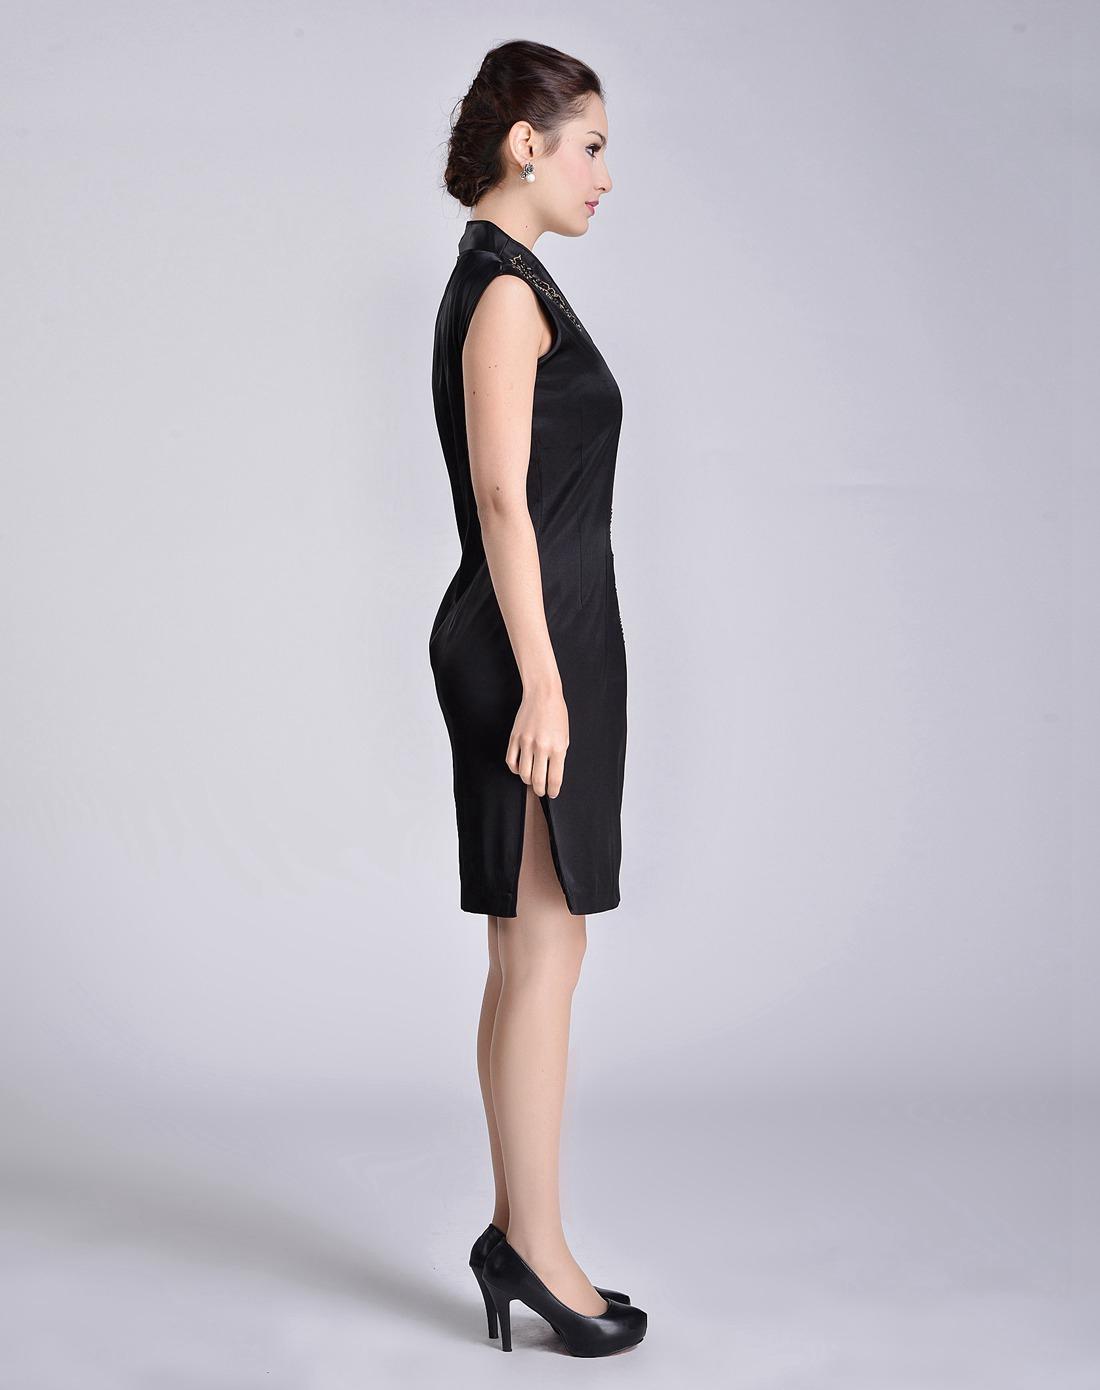 女黑礹/&�yi)��-z)�bi_女款黑色v领时尚真丝无袖旗袍